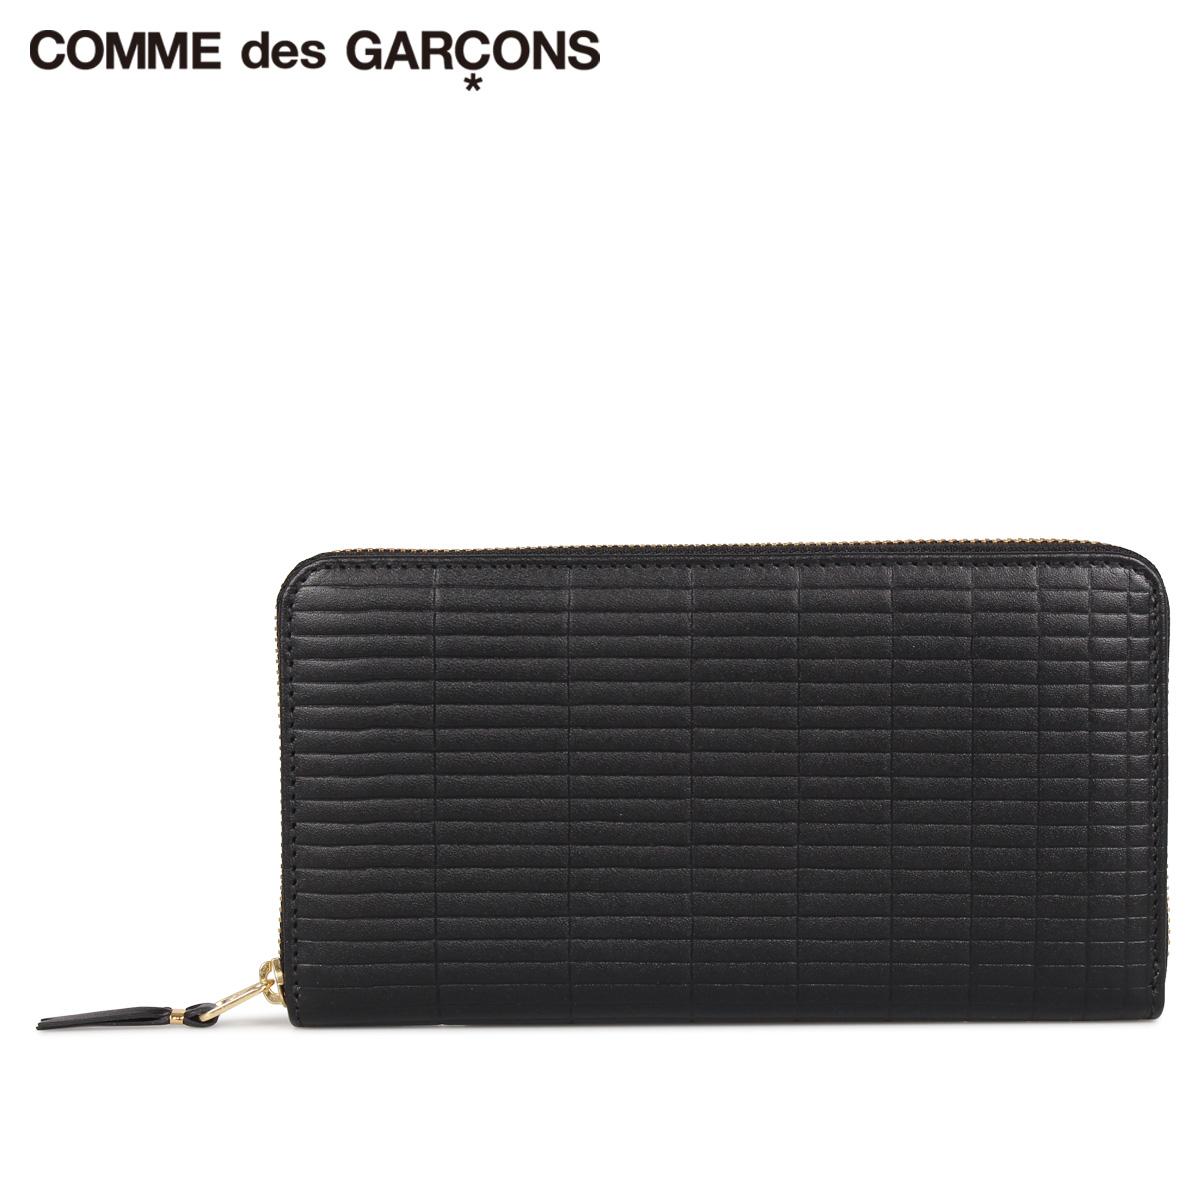 COMME des GARCONS BRICK WALLET コムデギャルソン 財布 長財布 メンズ レディース ラウンドファスナー 本革 ブラック 黒 SA0111BK